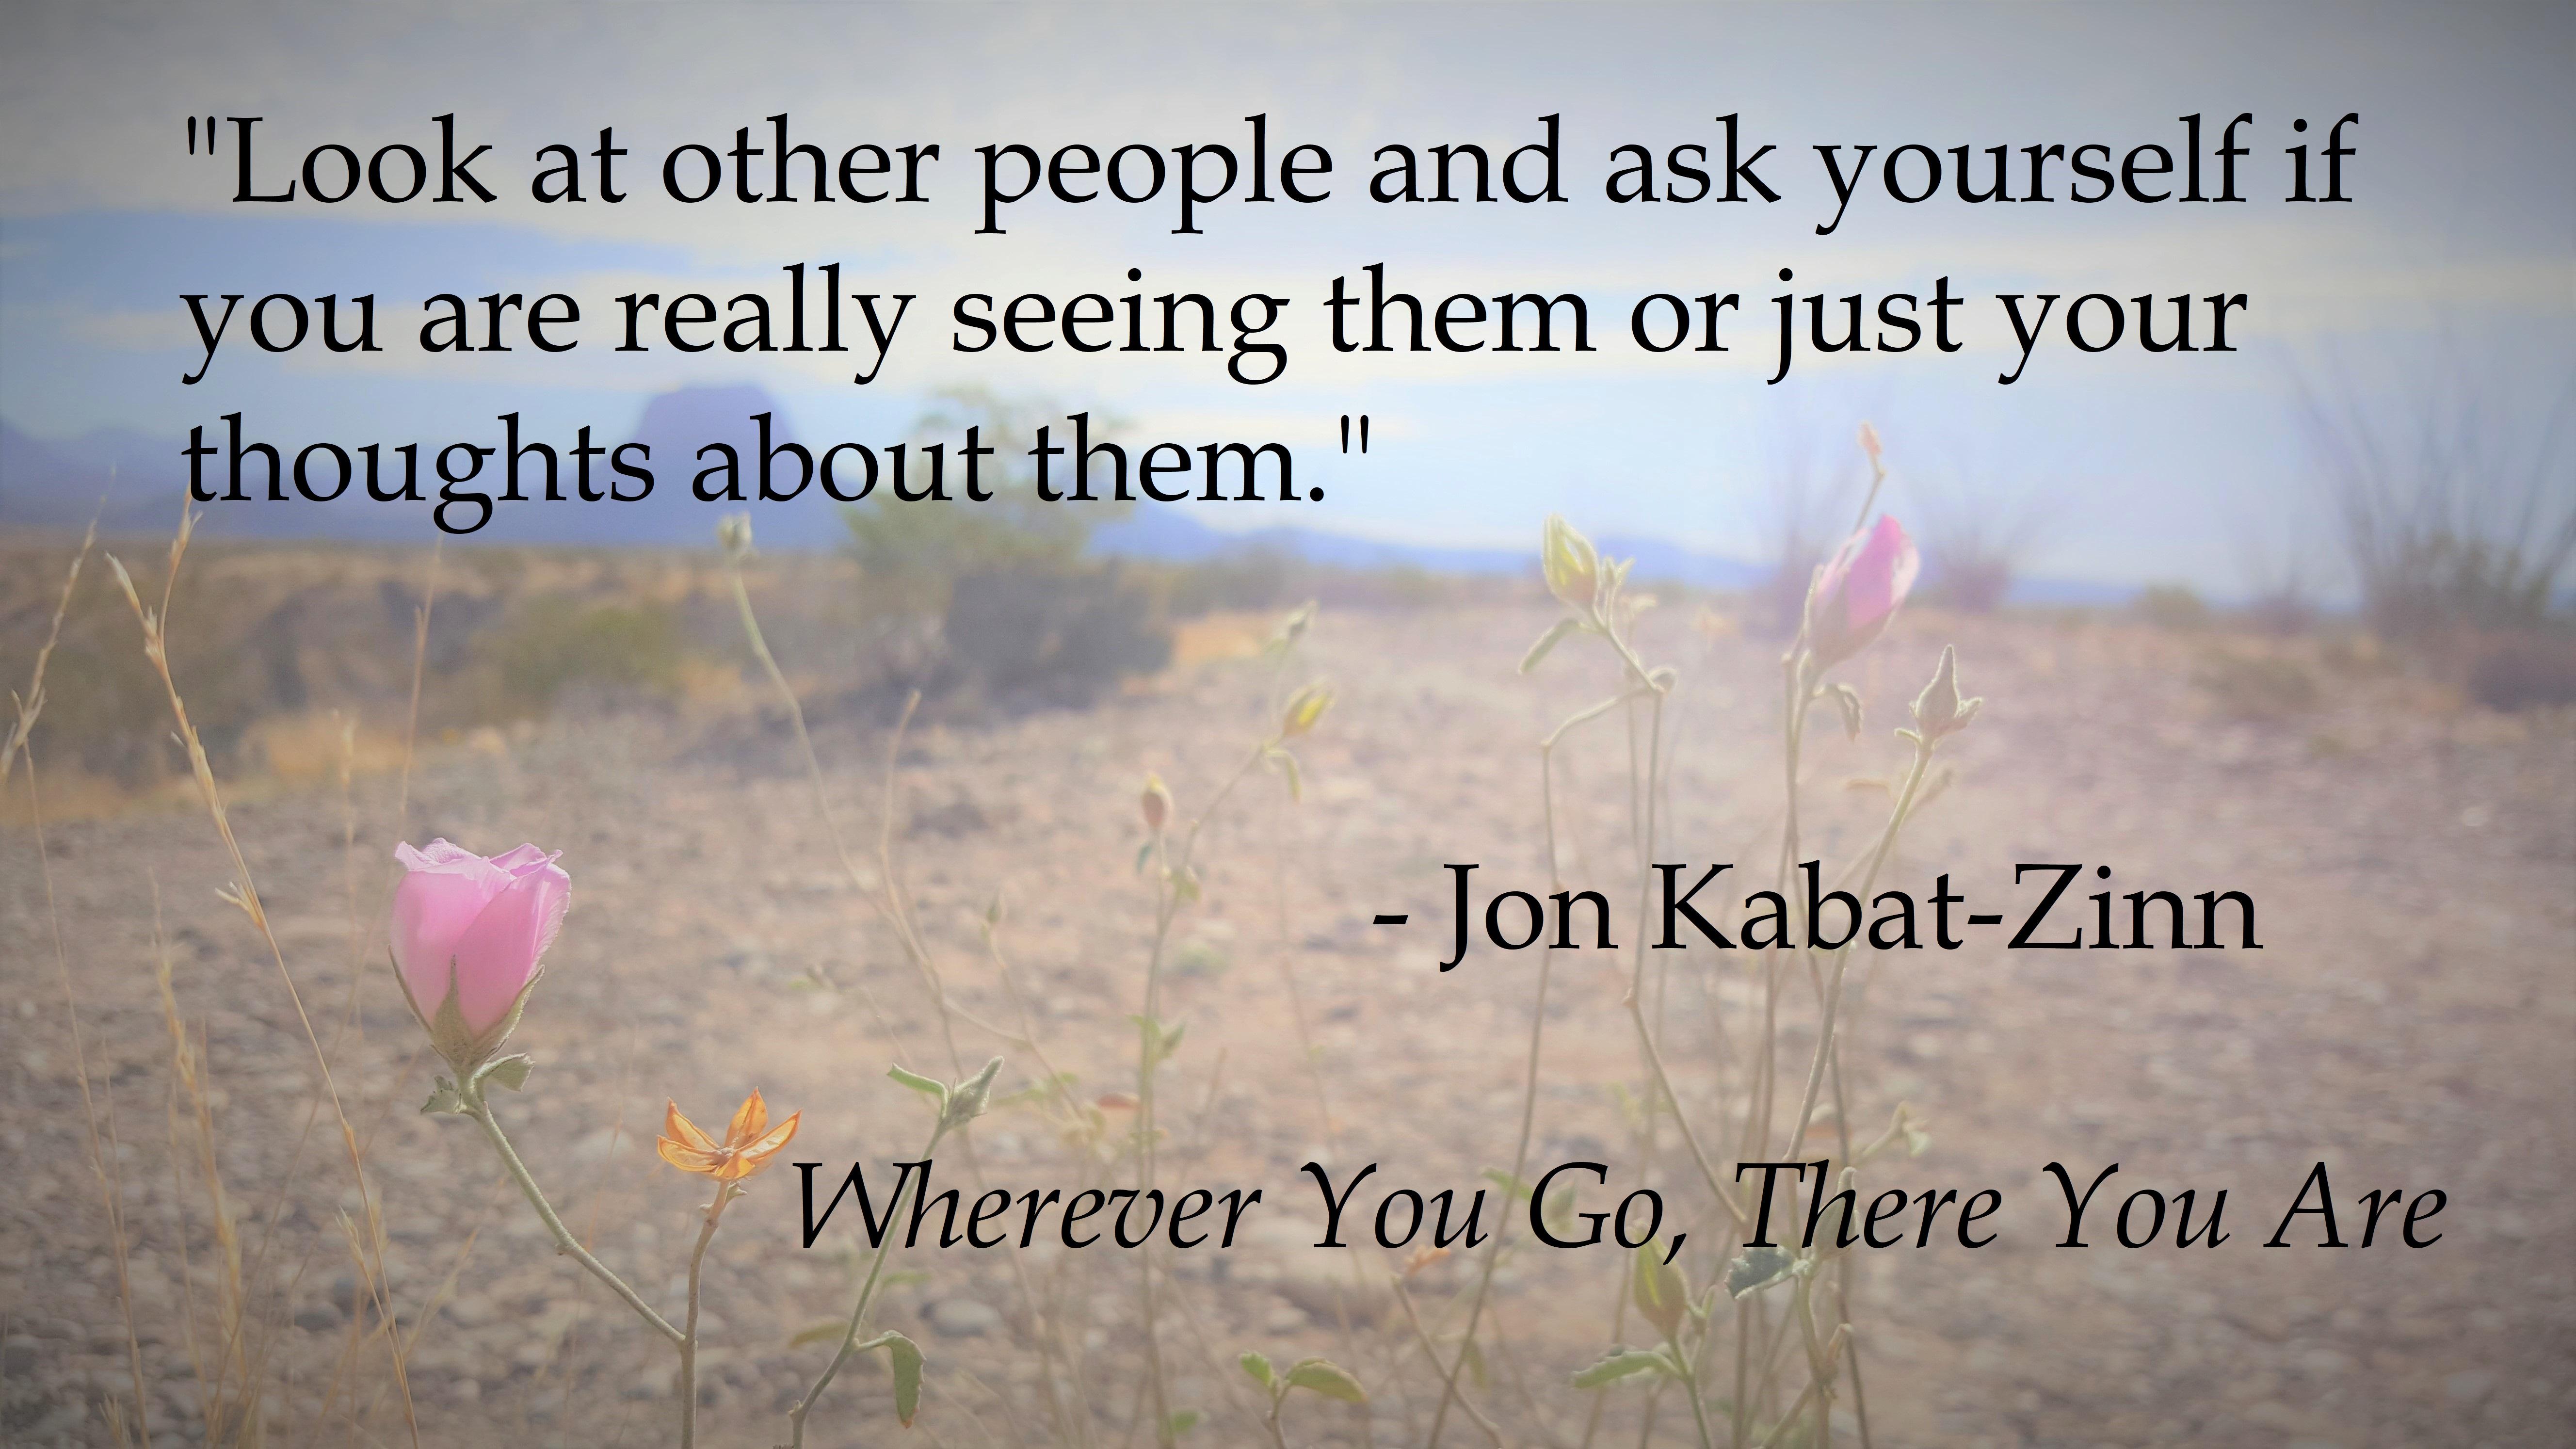 Jon-Kabat Zinn - Really seeing people